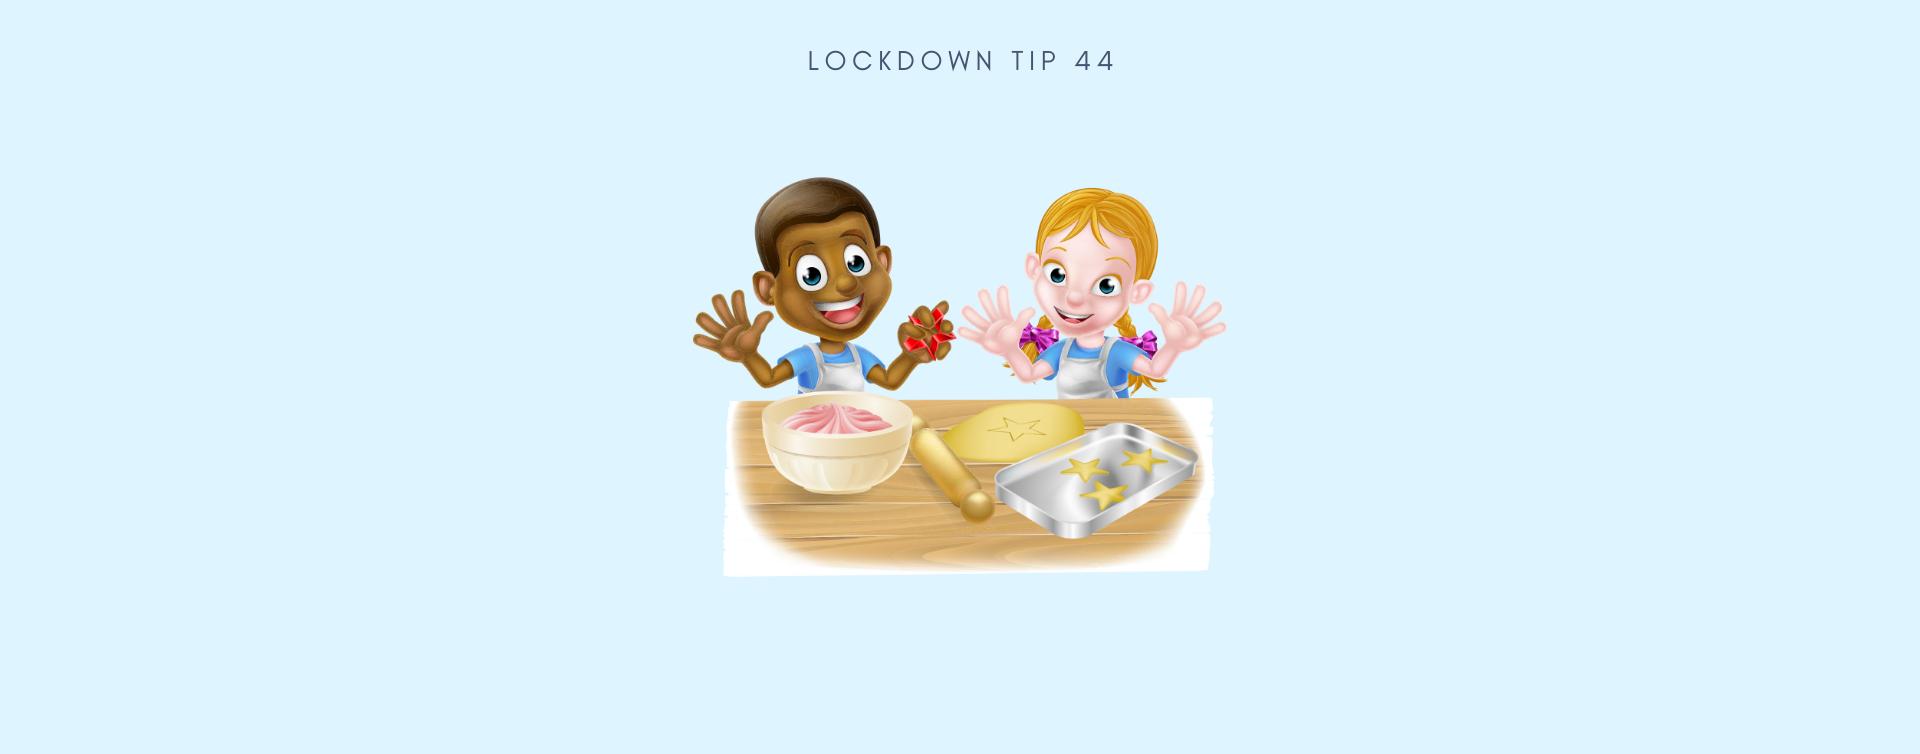 MCSA Lockdown Tip 44